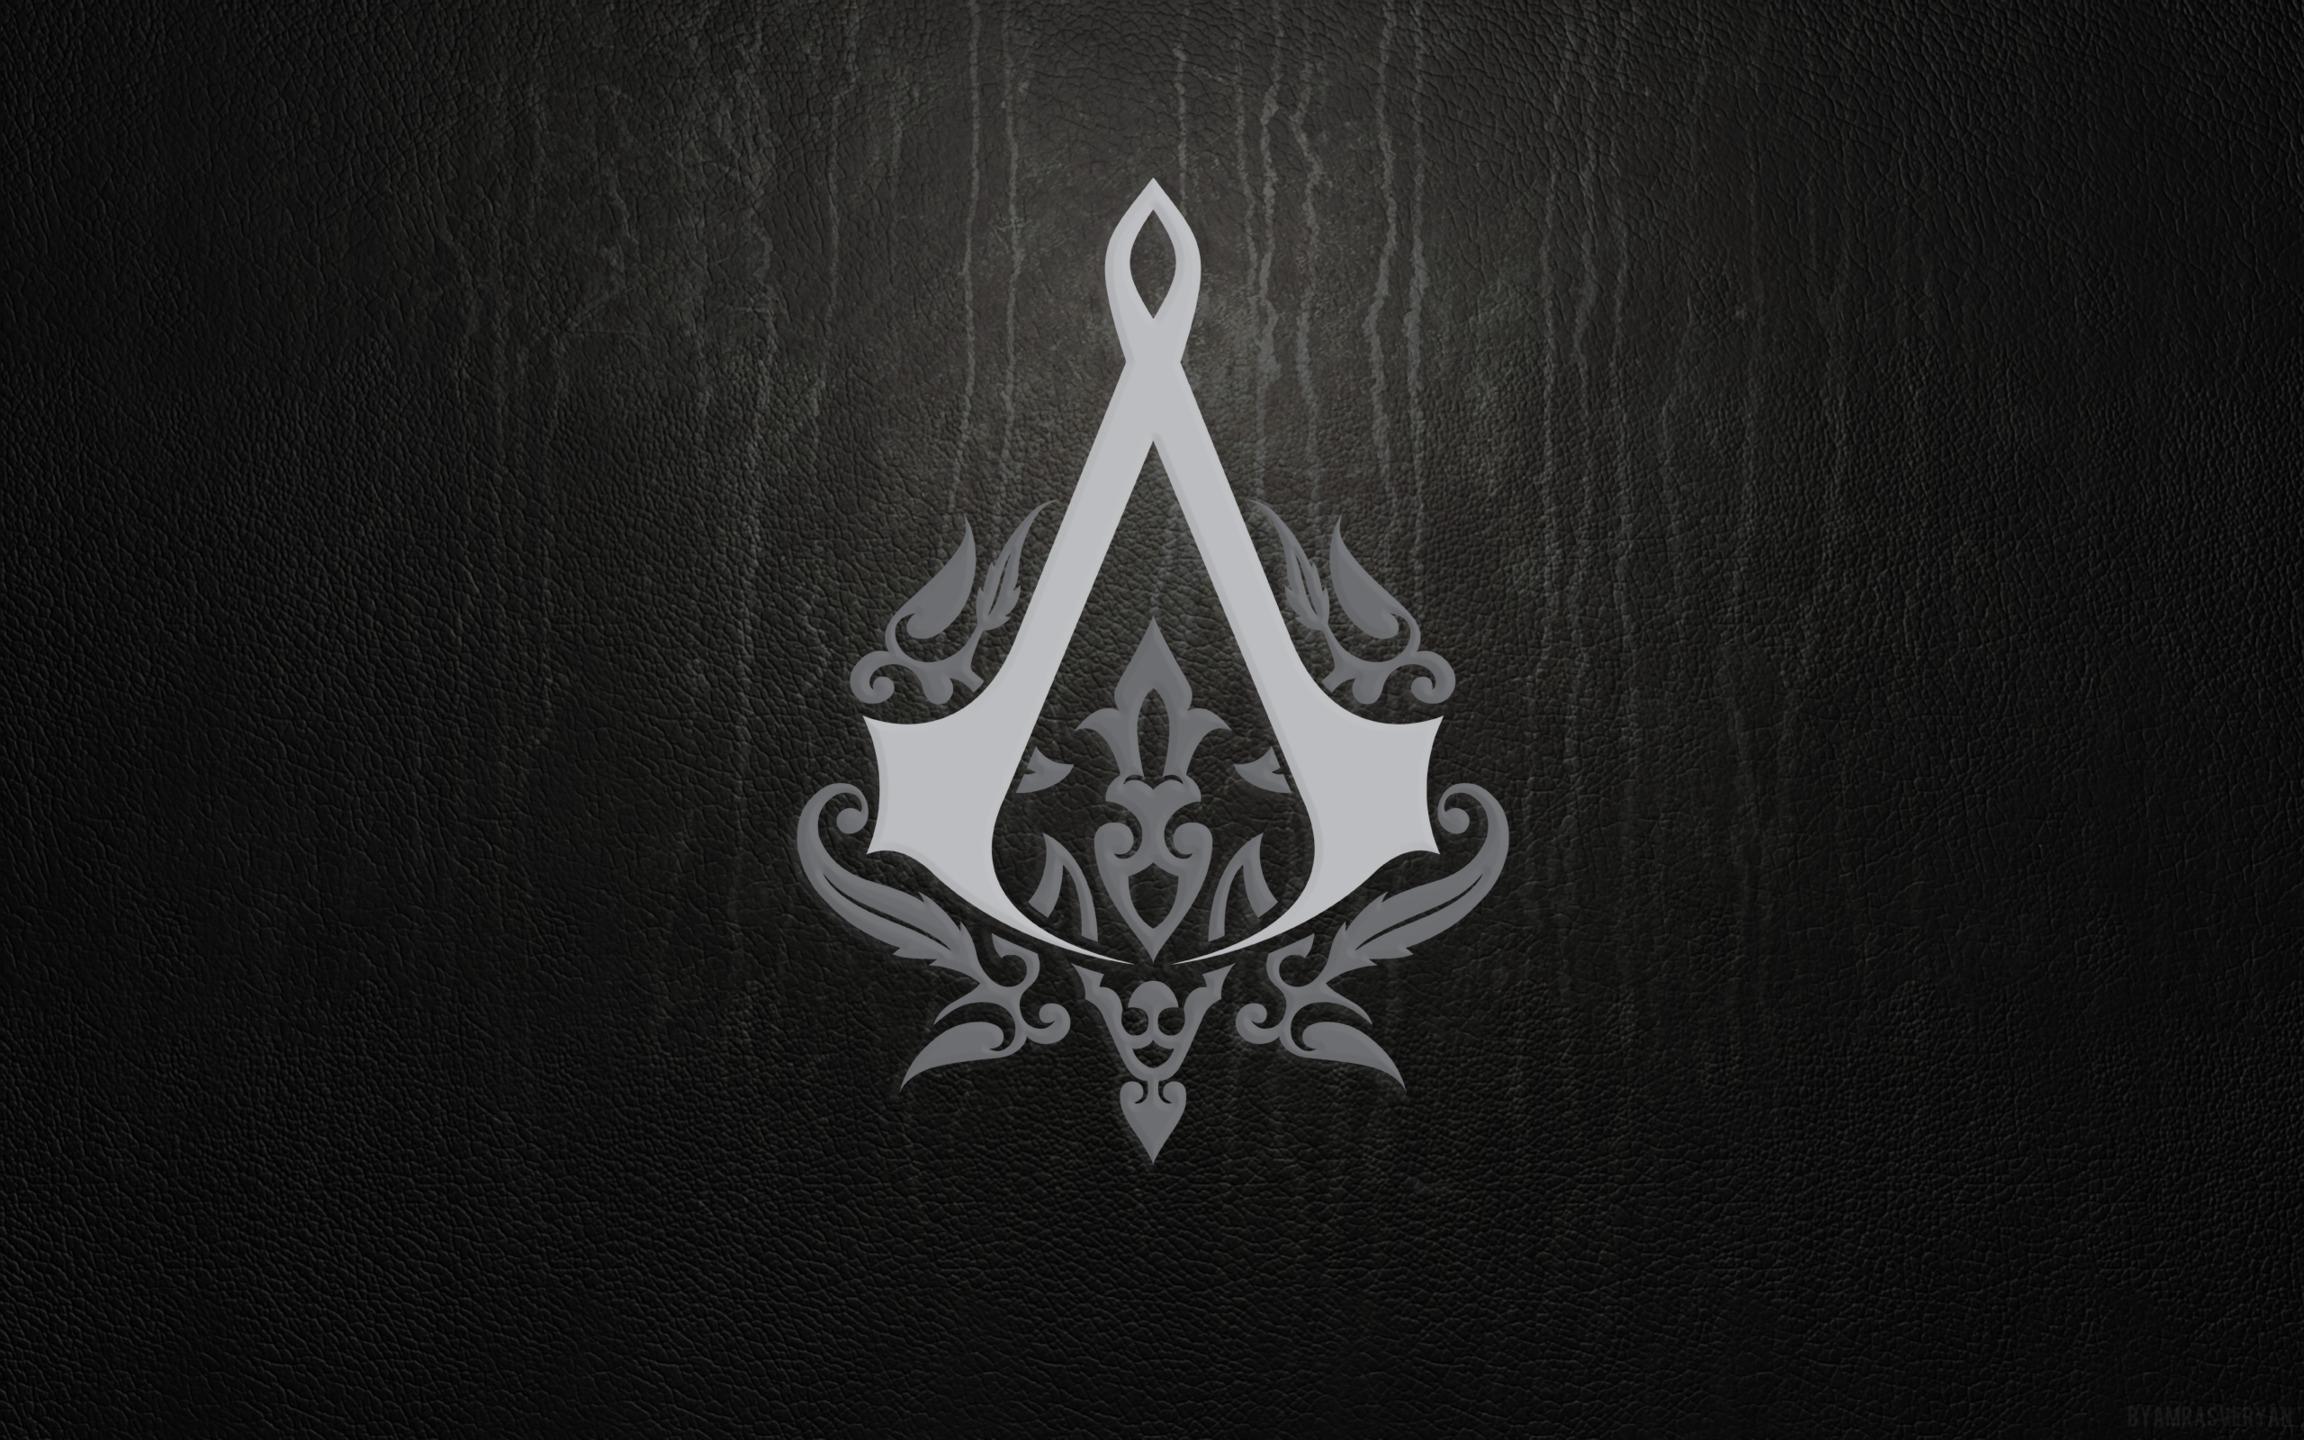 AlphaOmegaApparelsco (@alphaomegaapparelsco) Cover Image